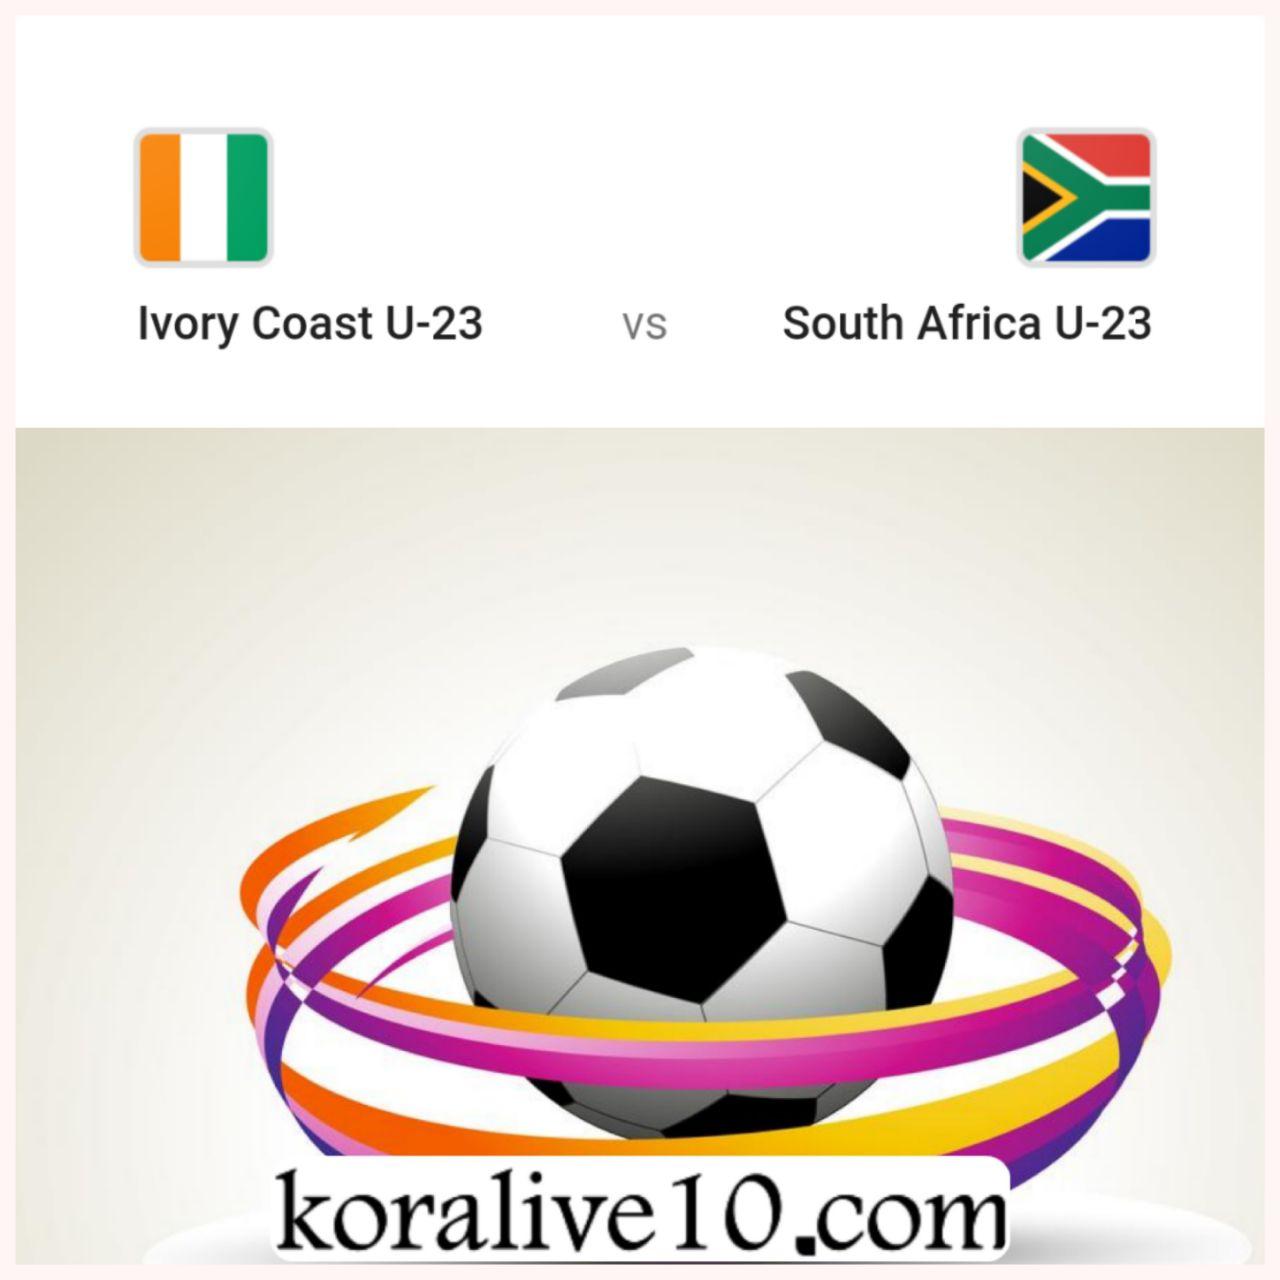 موعد مباراة ساحل العاج الأولمبي وجنوب أفريقيا الأولمبي في بطولة إفريقيا تحت سن 23 سنة | كورة لايف